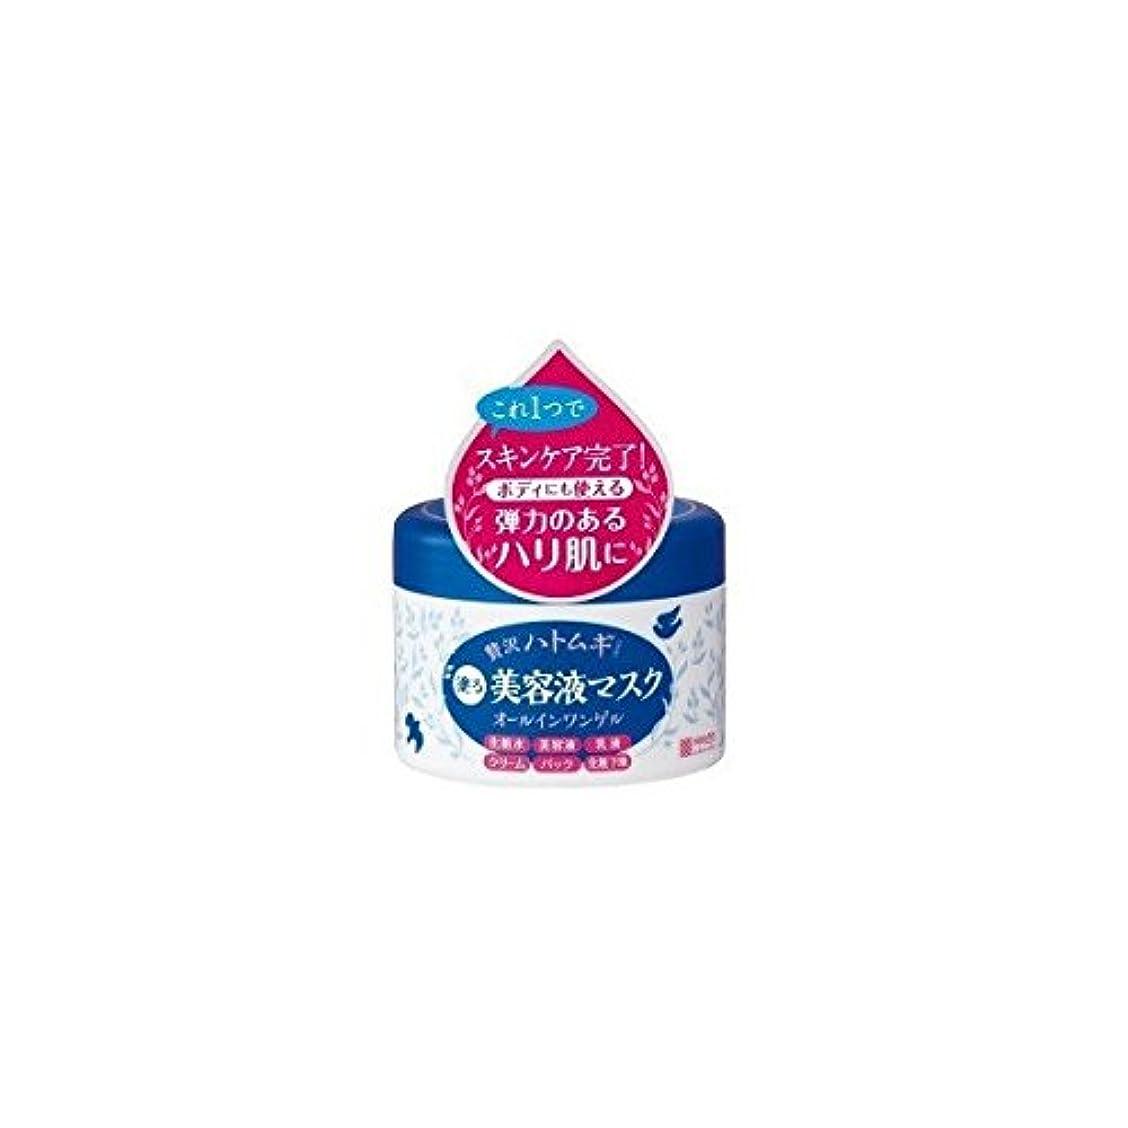 変換つぶやき古代【6個セット】 ヒアルモイスト うるすべ肌クリーム 200g